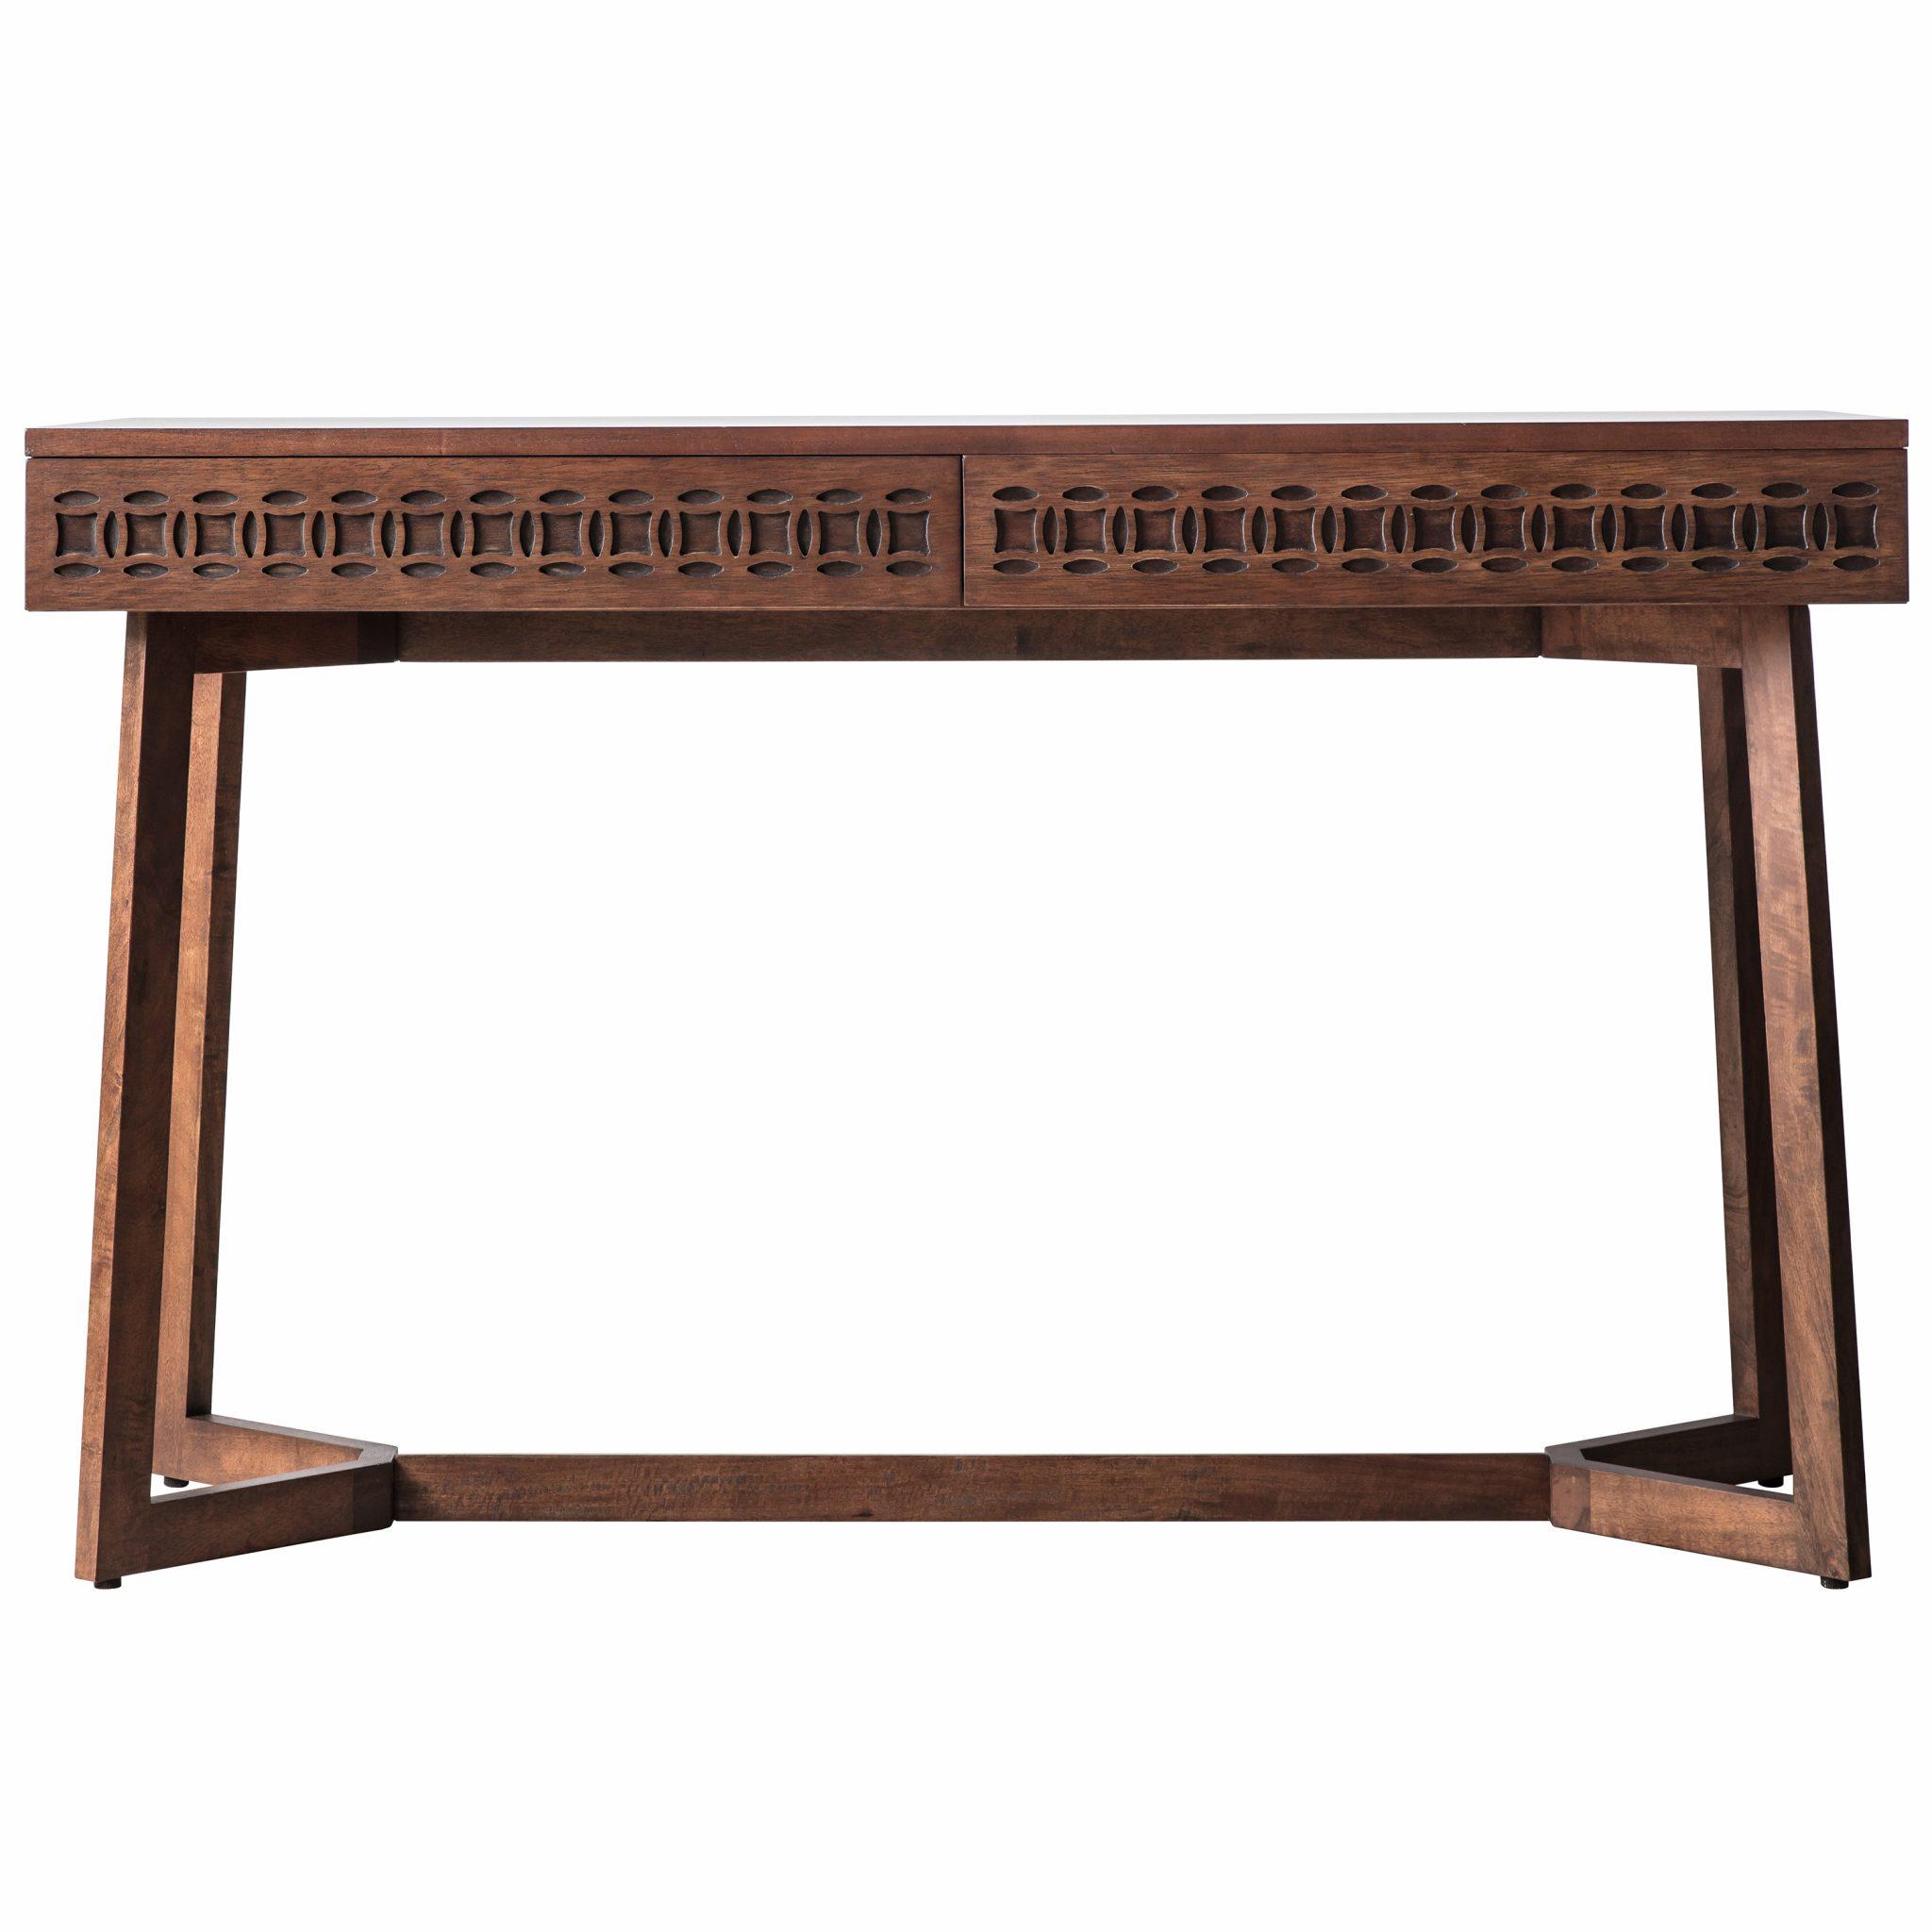 Image of Boi Mango Wood 2 Drawer Desk - Brown